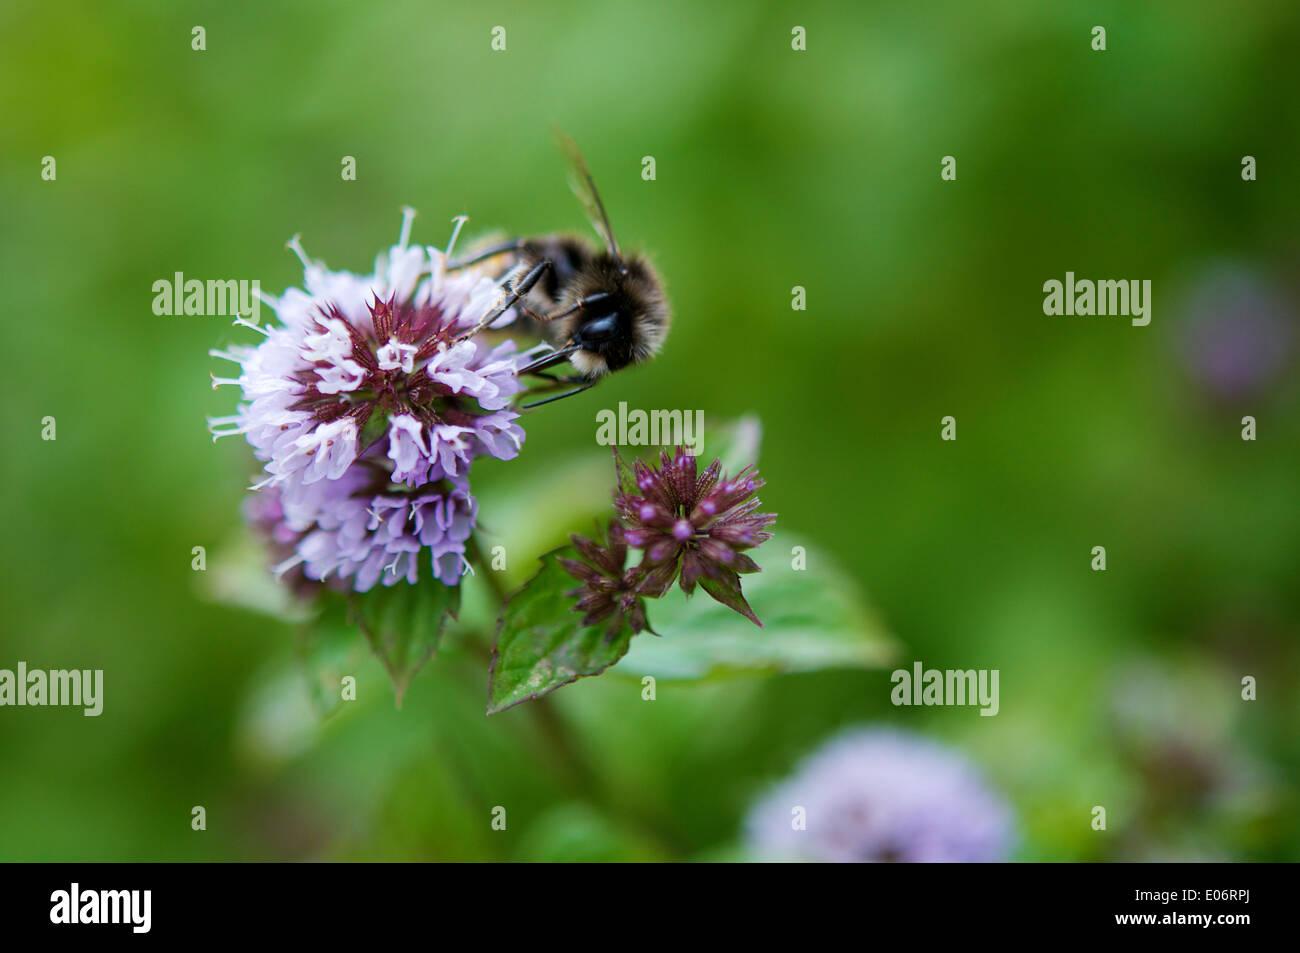 Humilde abeja sobre la flor de una planta Mentha citrata en un jardín en Francia. Imagen De Stock